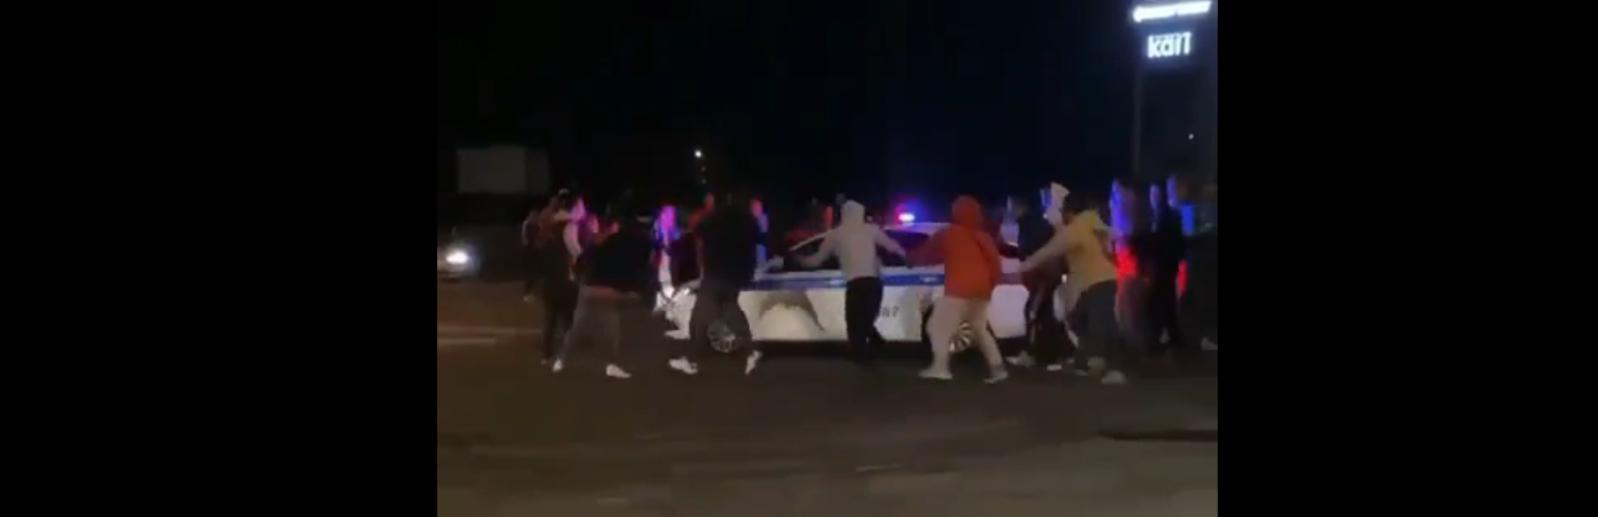 Хоровод с полицией возле ашана в Симферополе